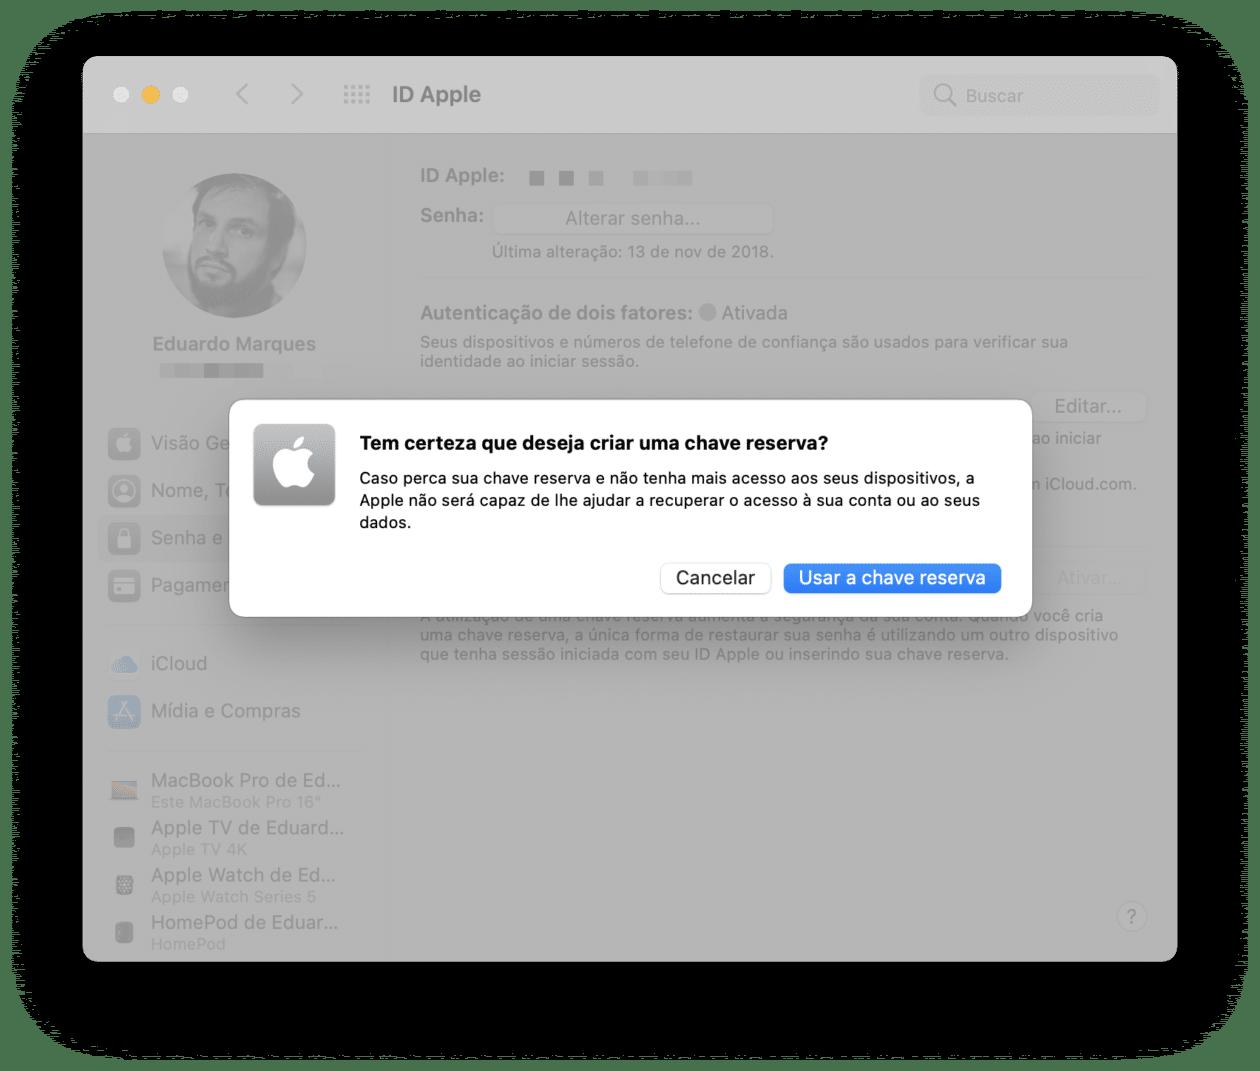 Criando uma chave reserva no macOS